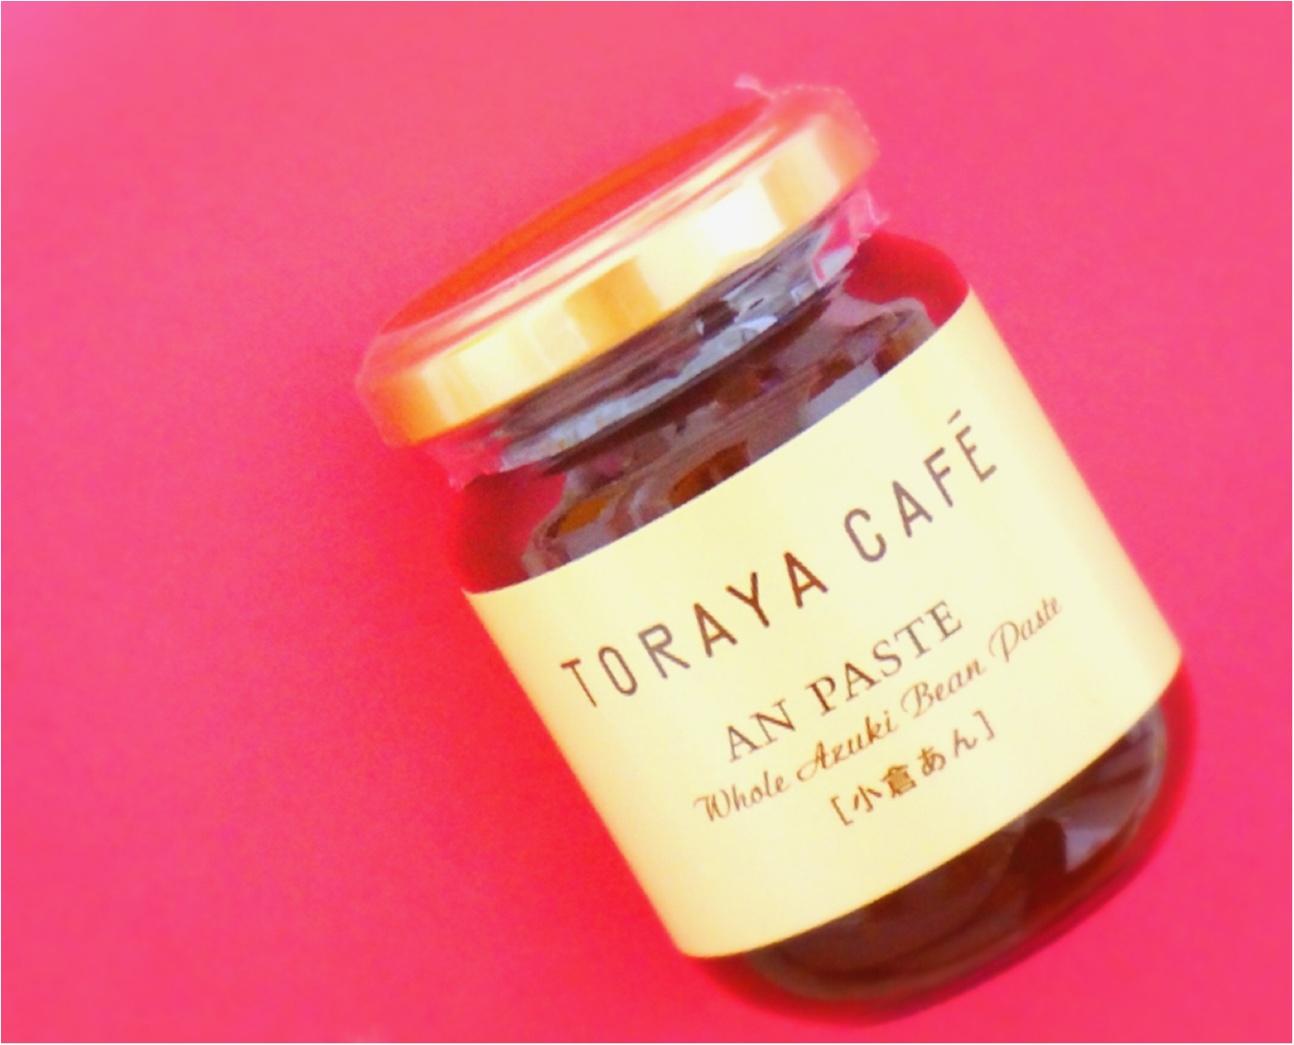 年末年始の手土産にも❤️️【TORAYA CAFE】でしか買えない《新感覚ジャム》がおいしすぎるっ_2